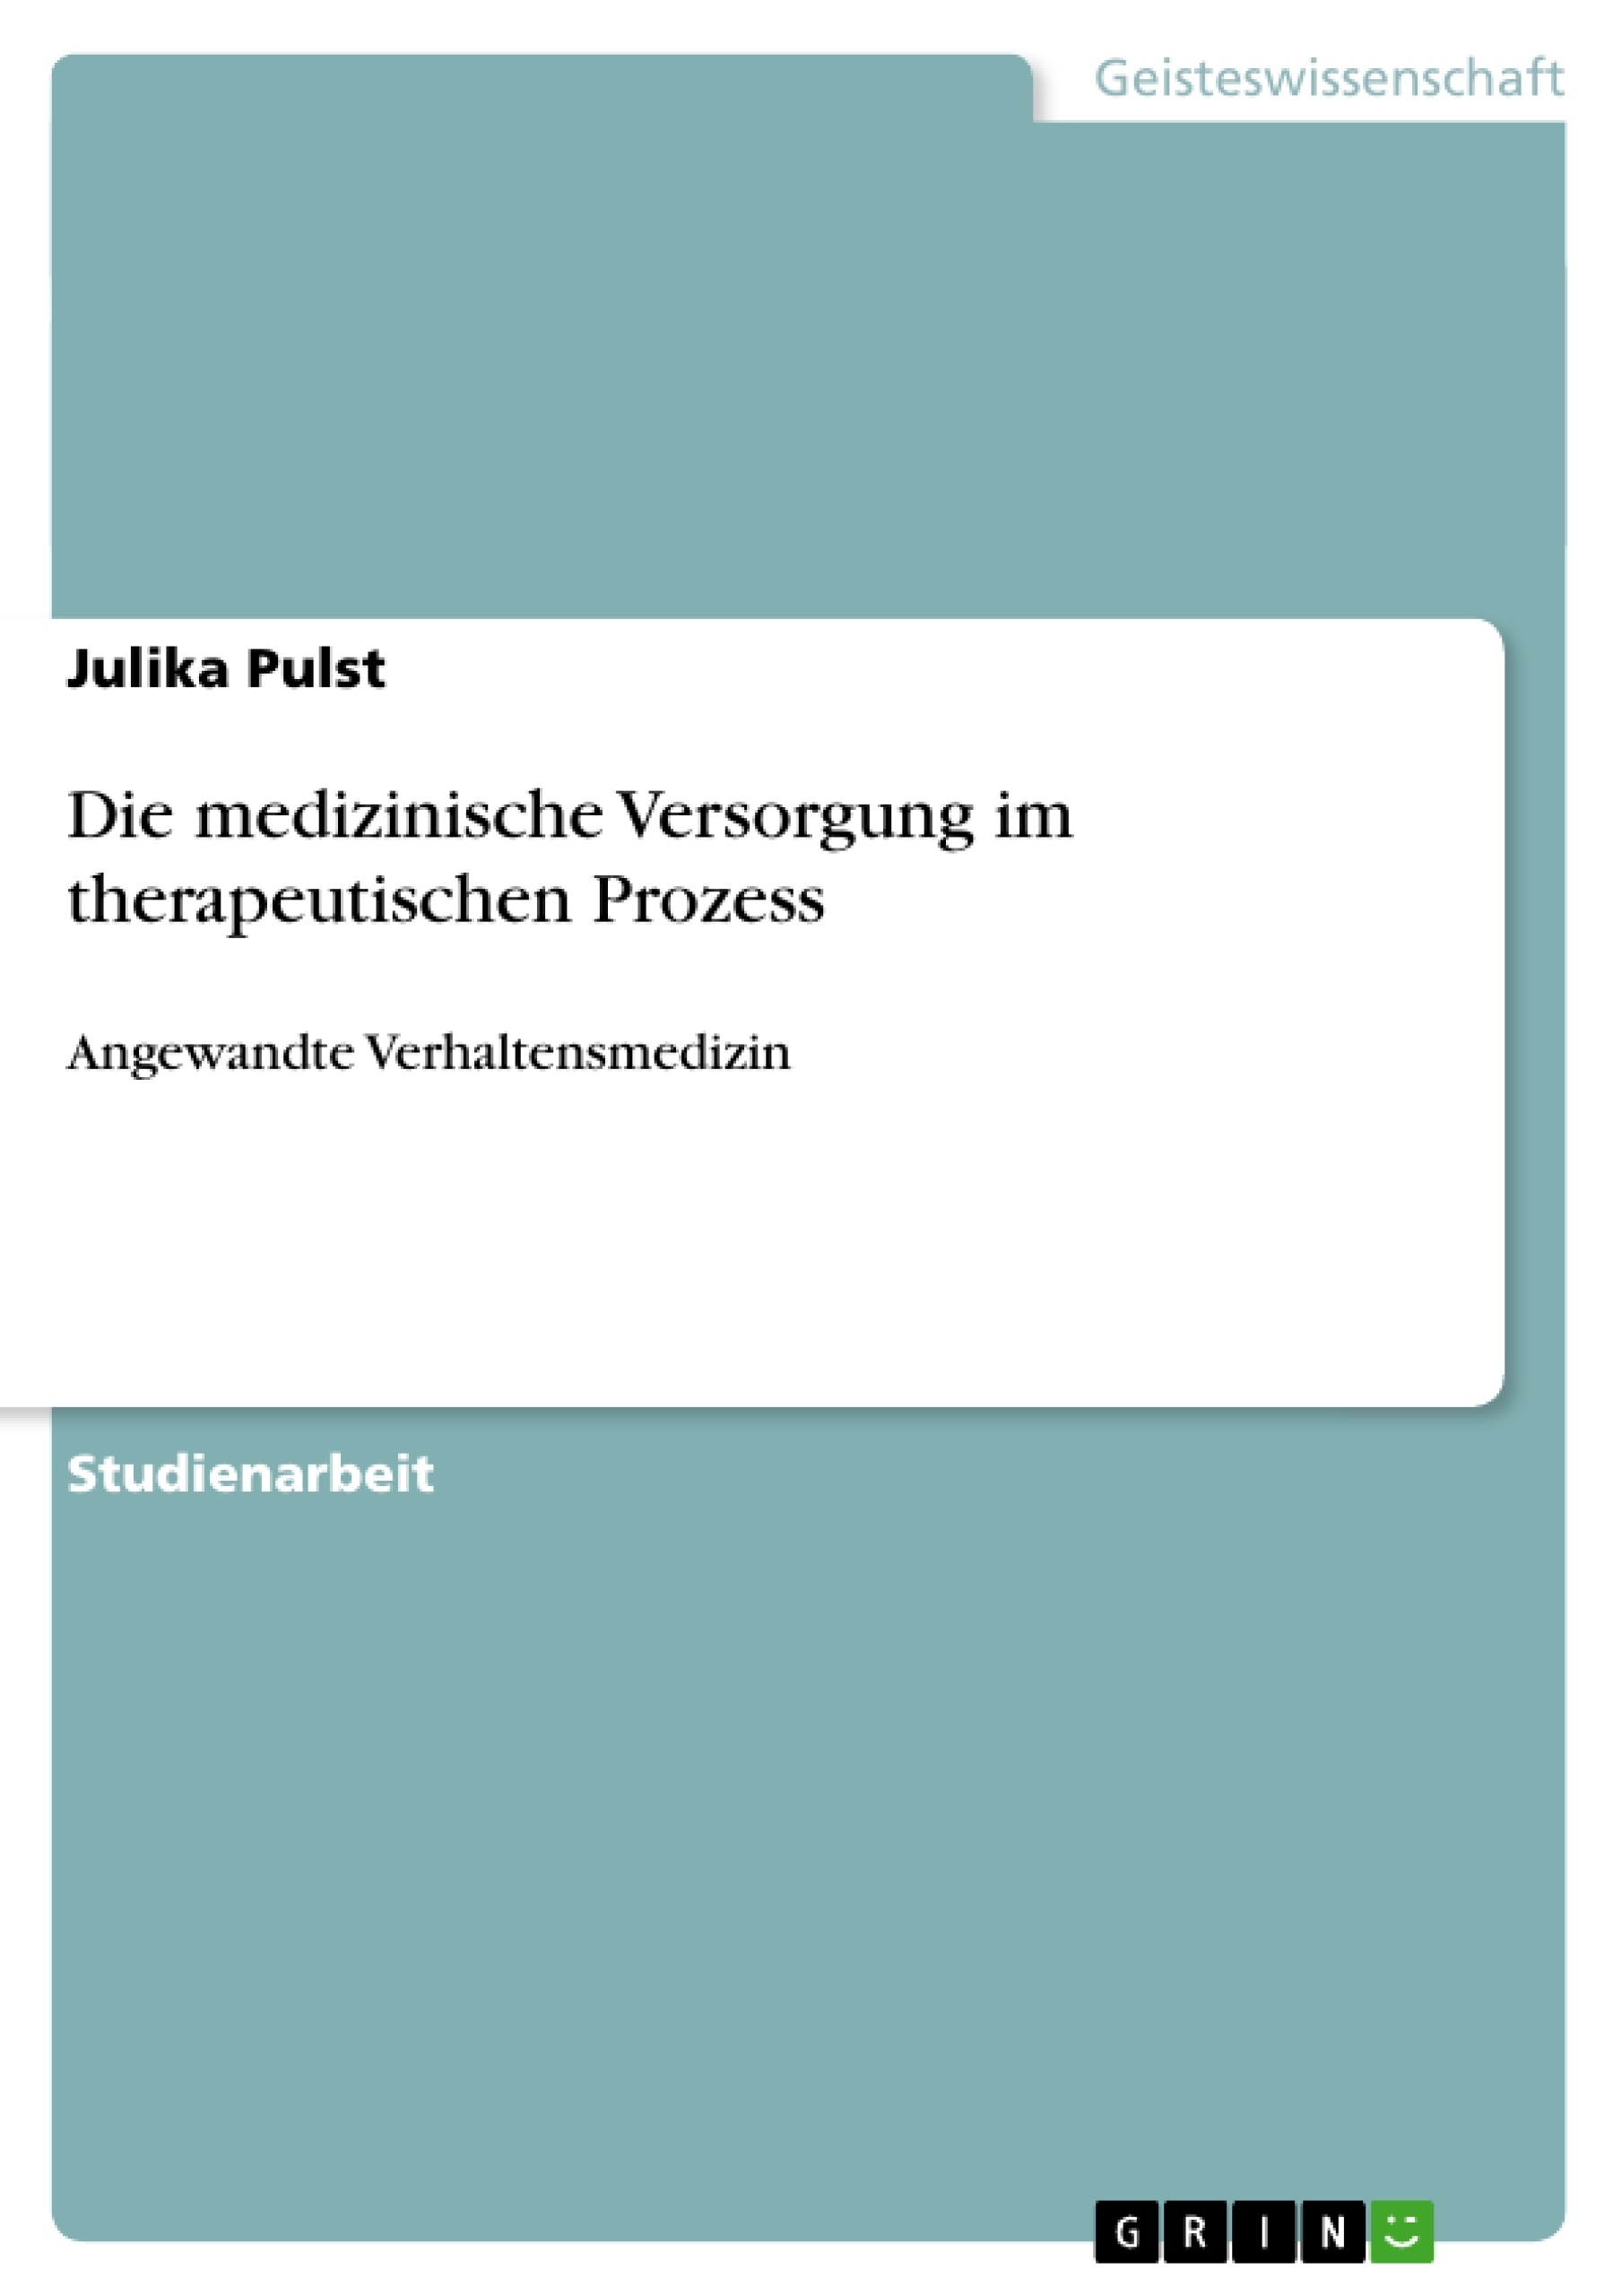 Titel: Die medizinische Versorgung im therapeutischen Prozess